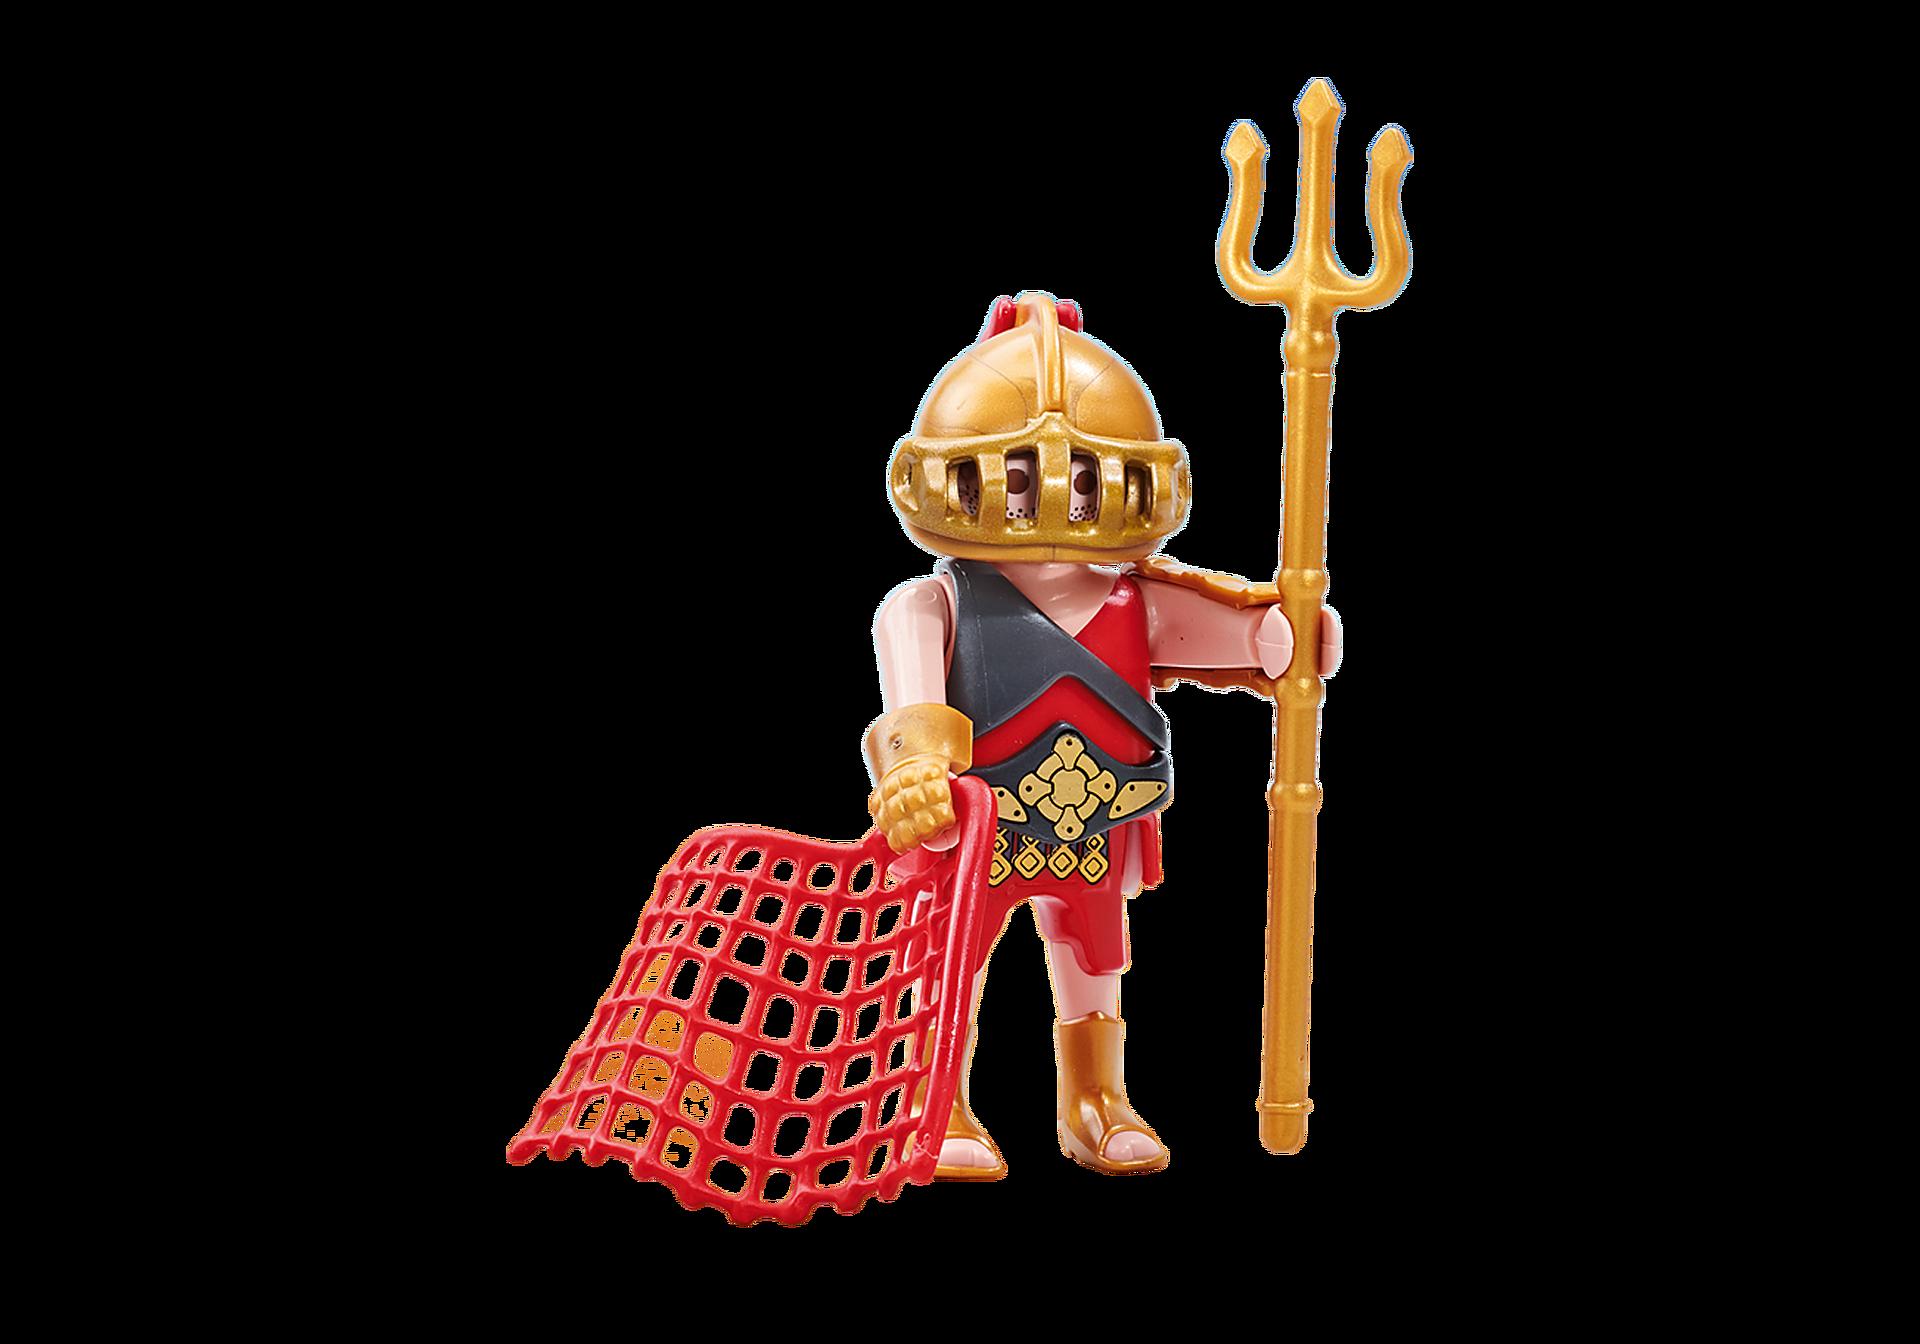 6589 Aanvoerder van de gladiatoren zoom image1